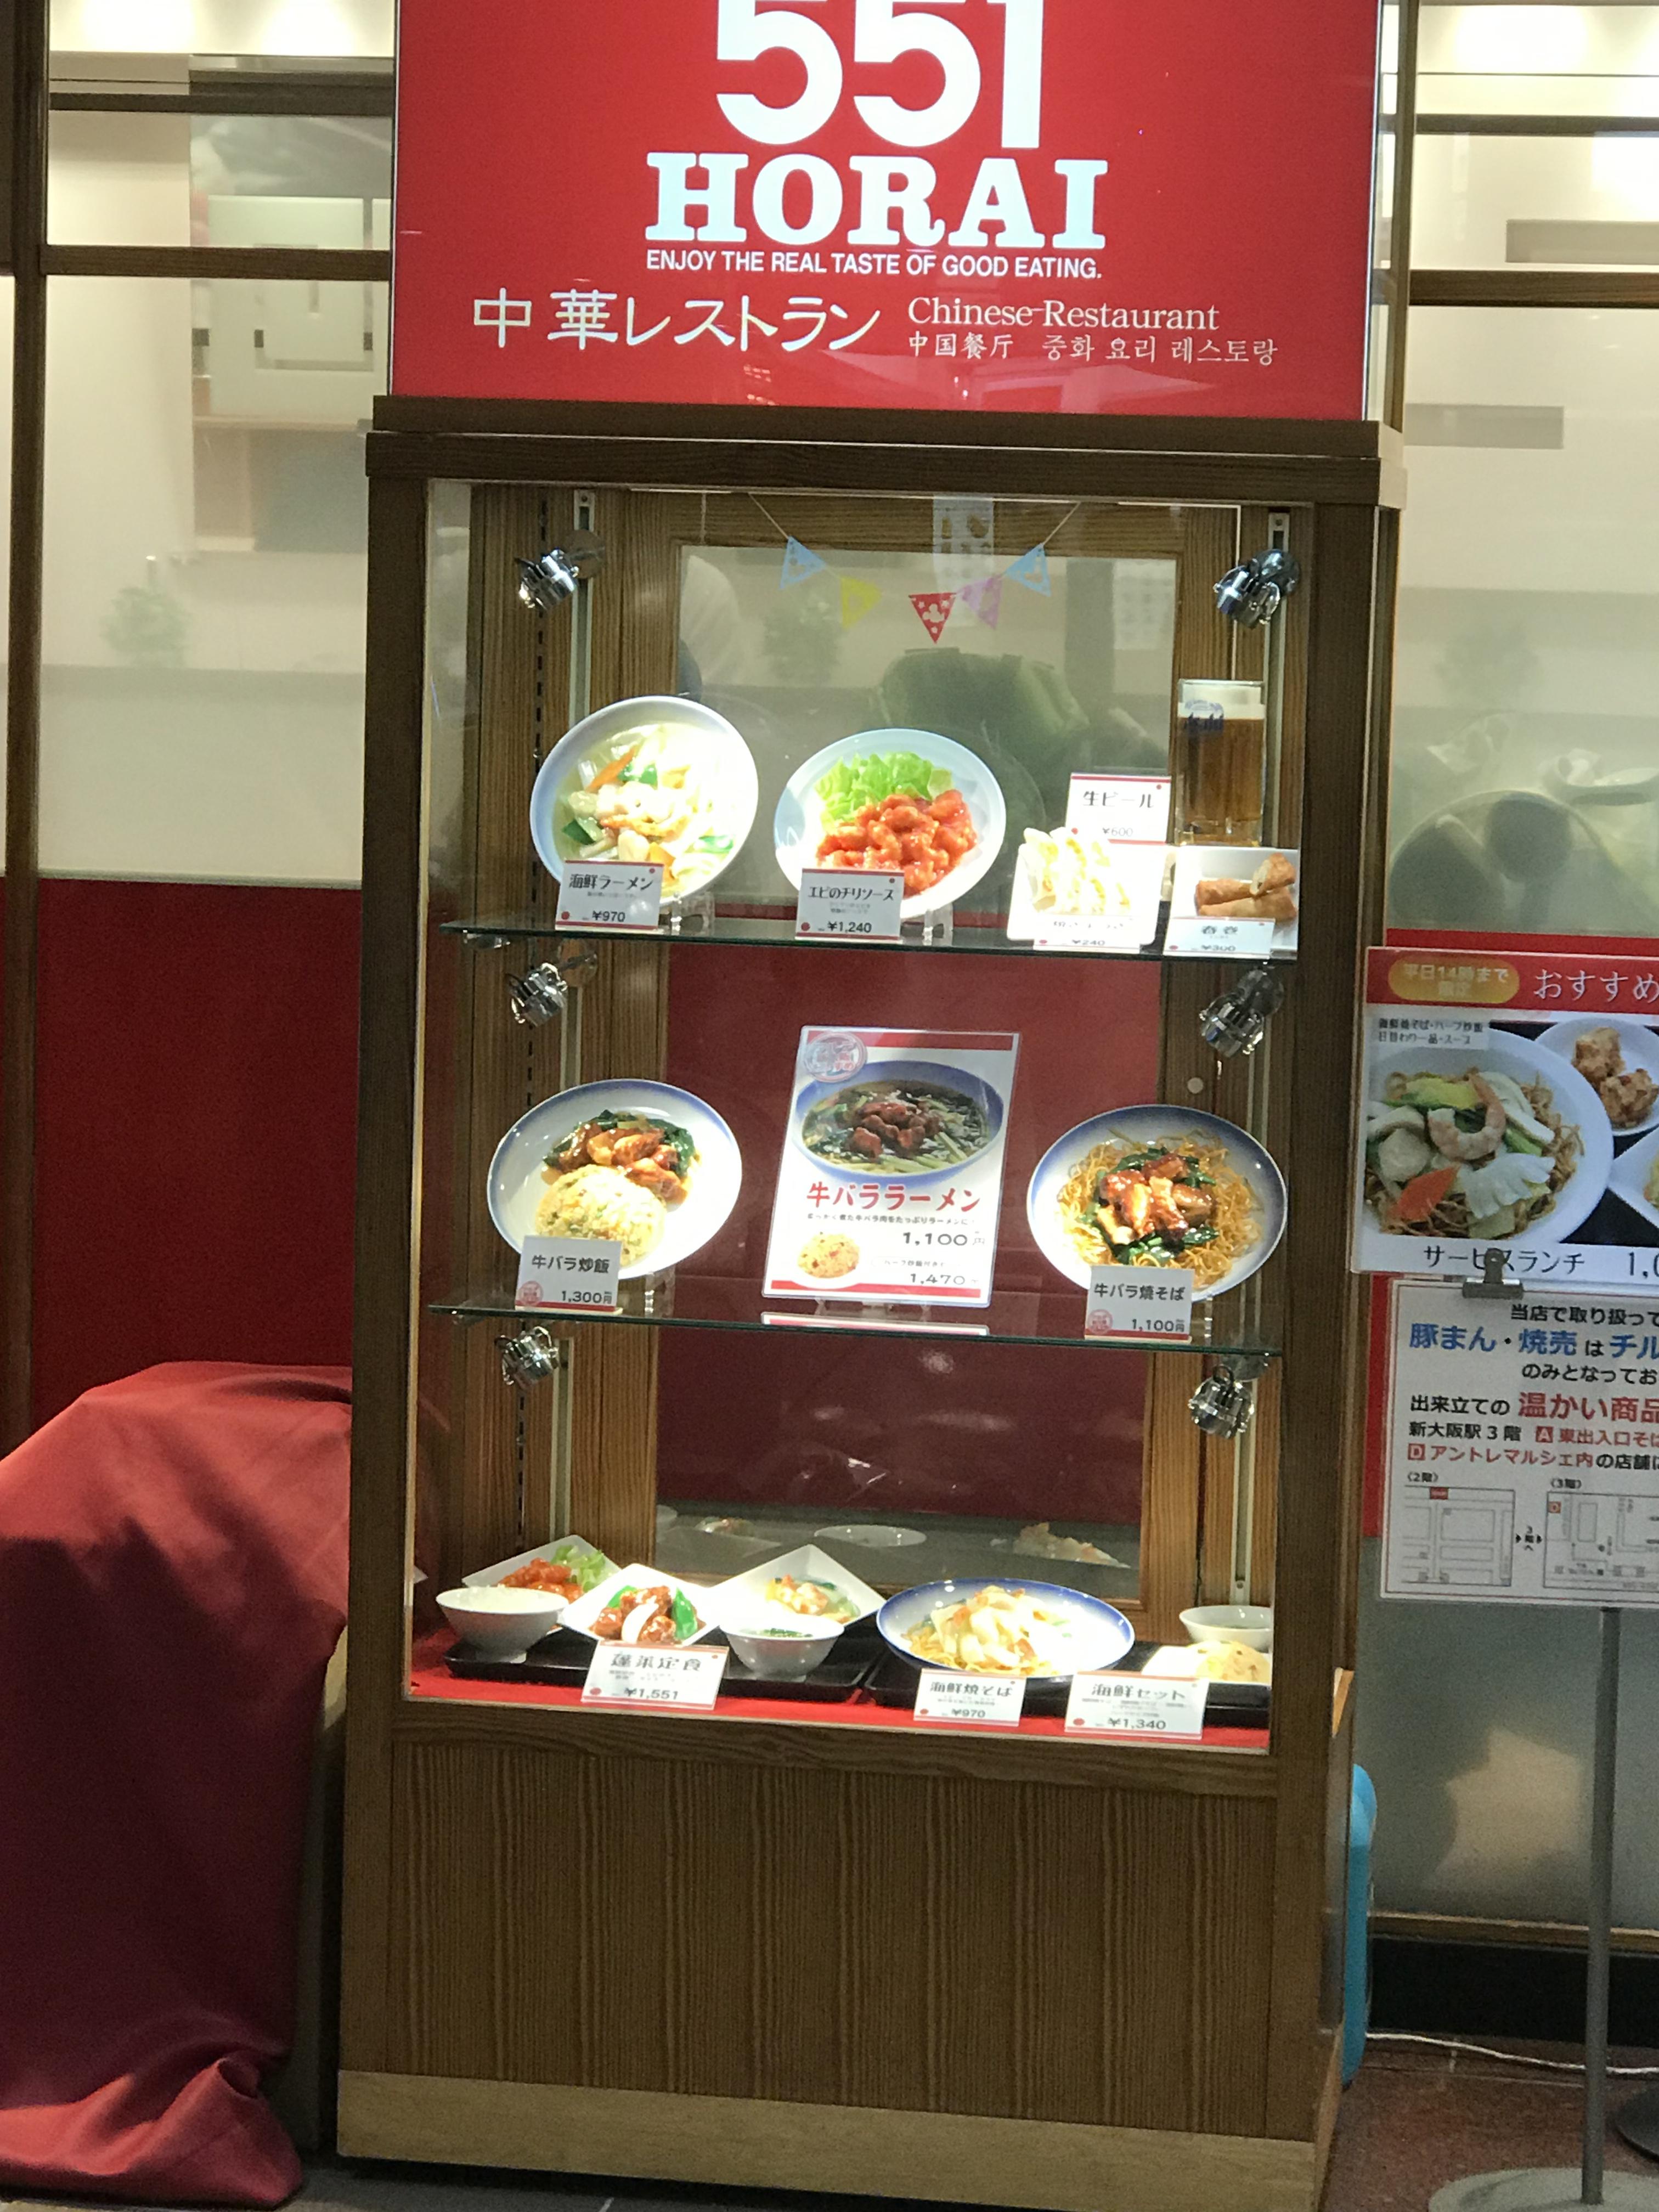 蓬莱551 アルデ新大阪店